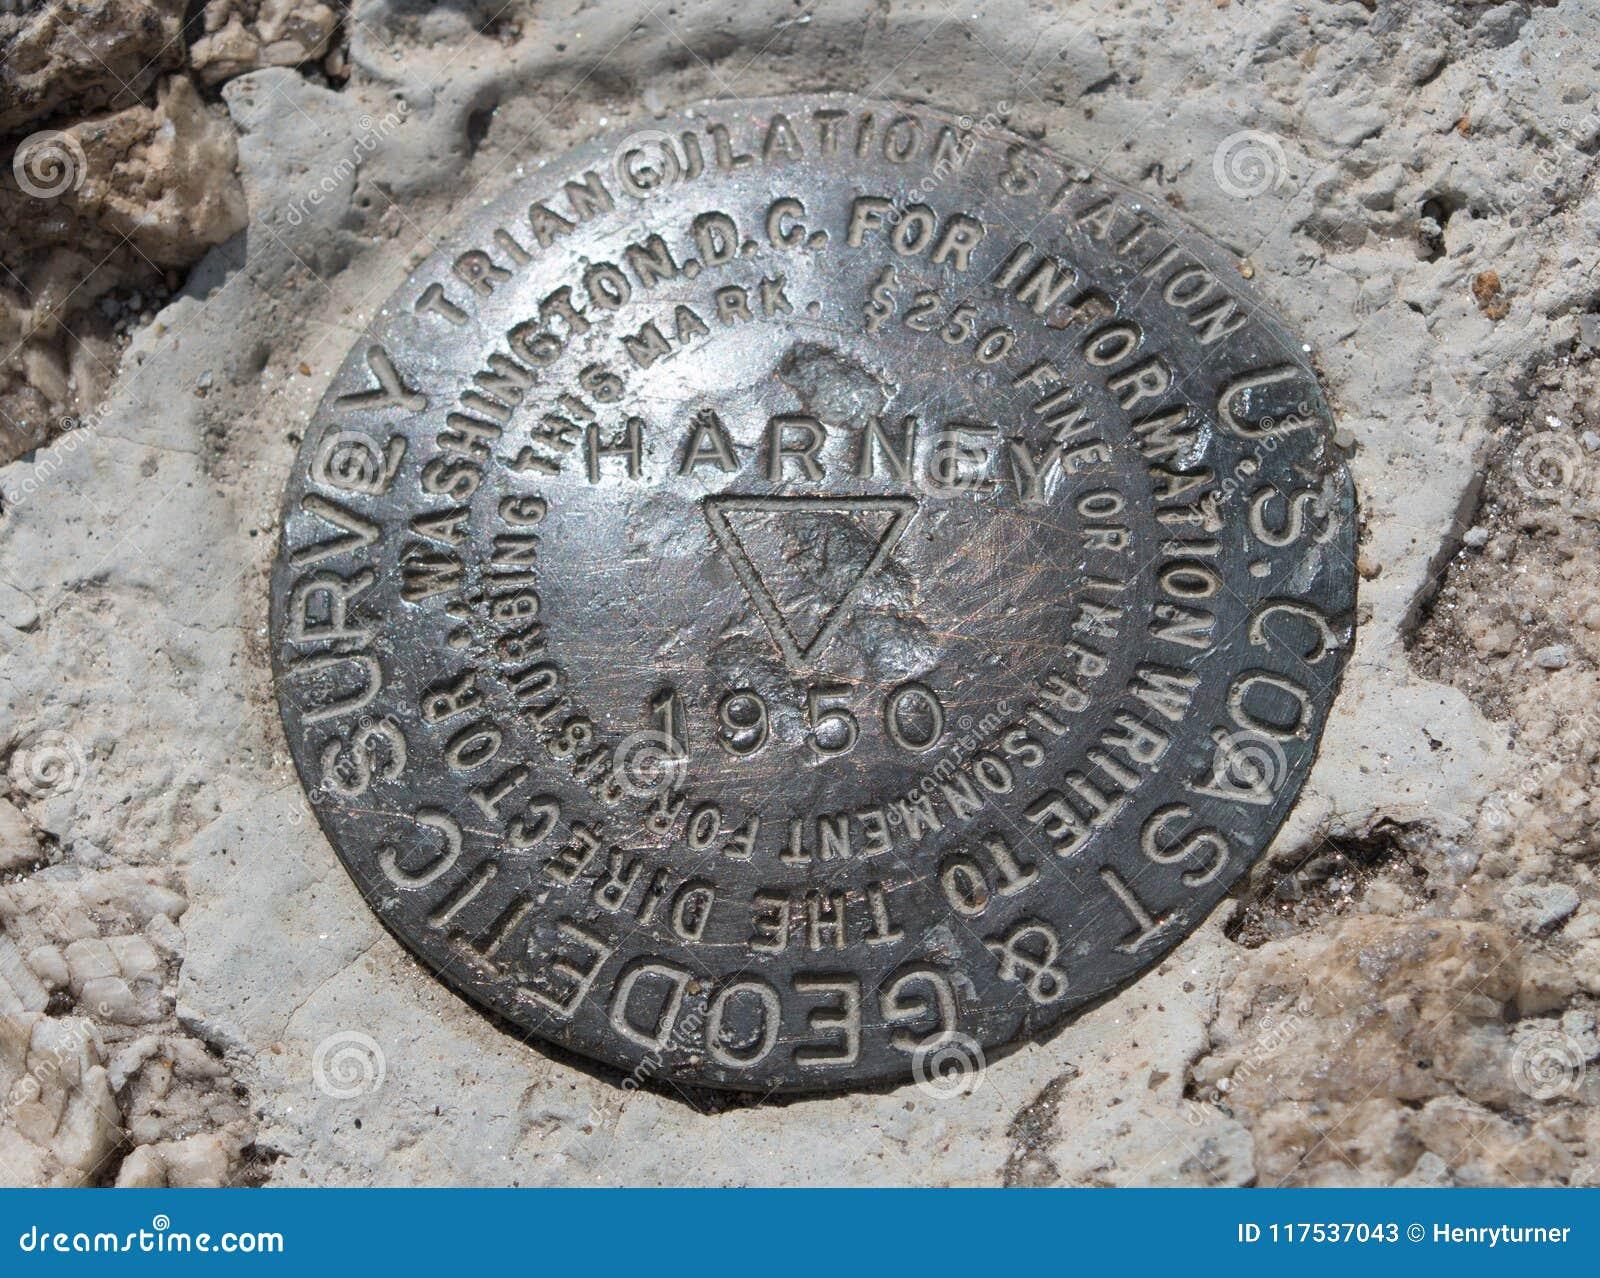 U S Geodetisk granskande landmarkör upptill av det Harney maximumet i Custer State Park i Blacket Hills av South Dakota USA